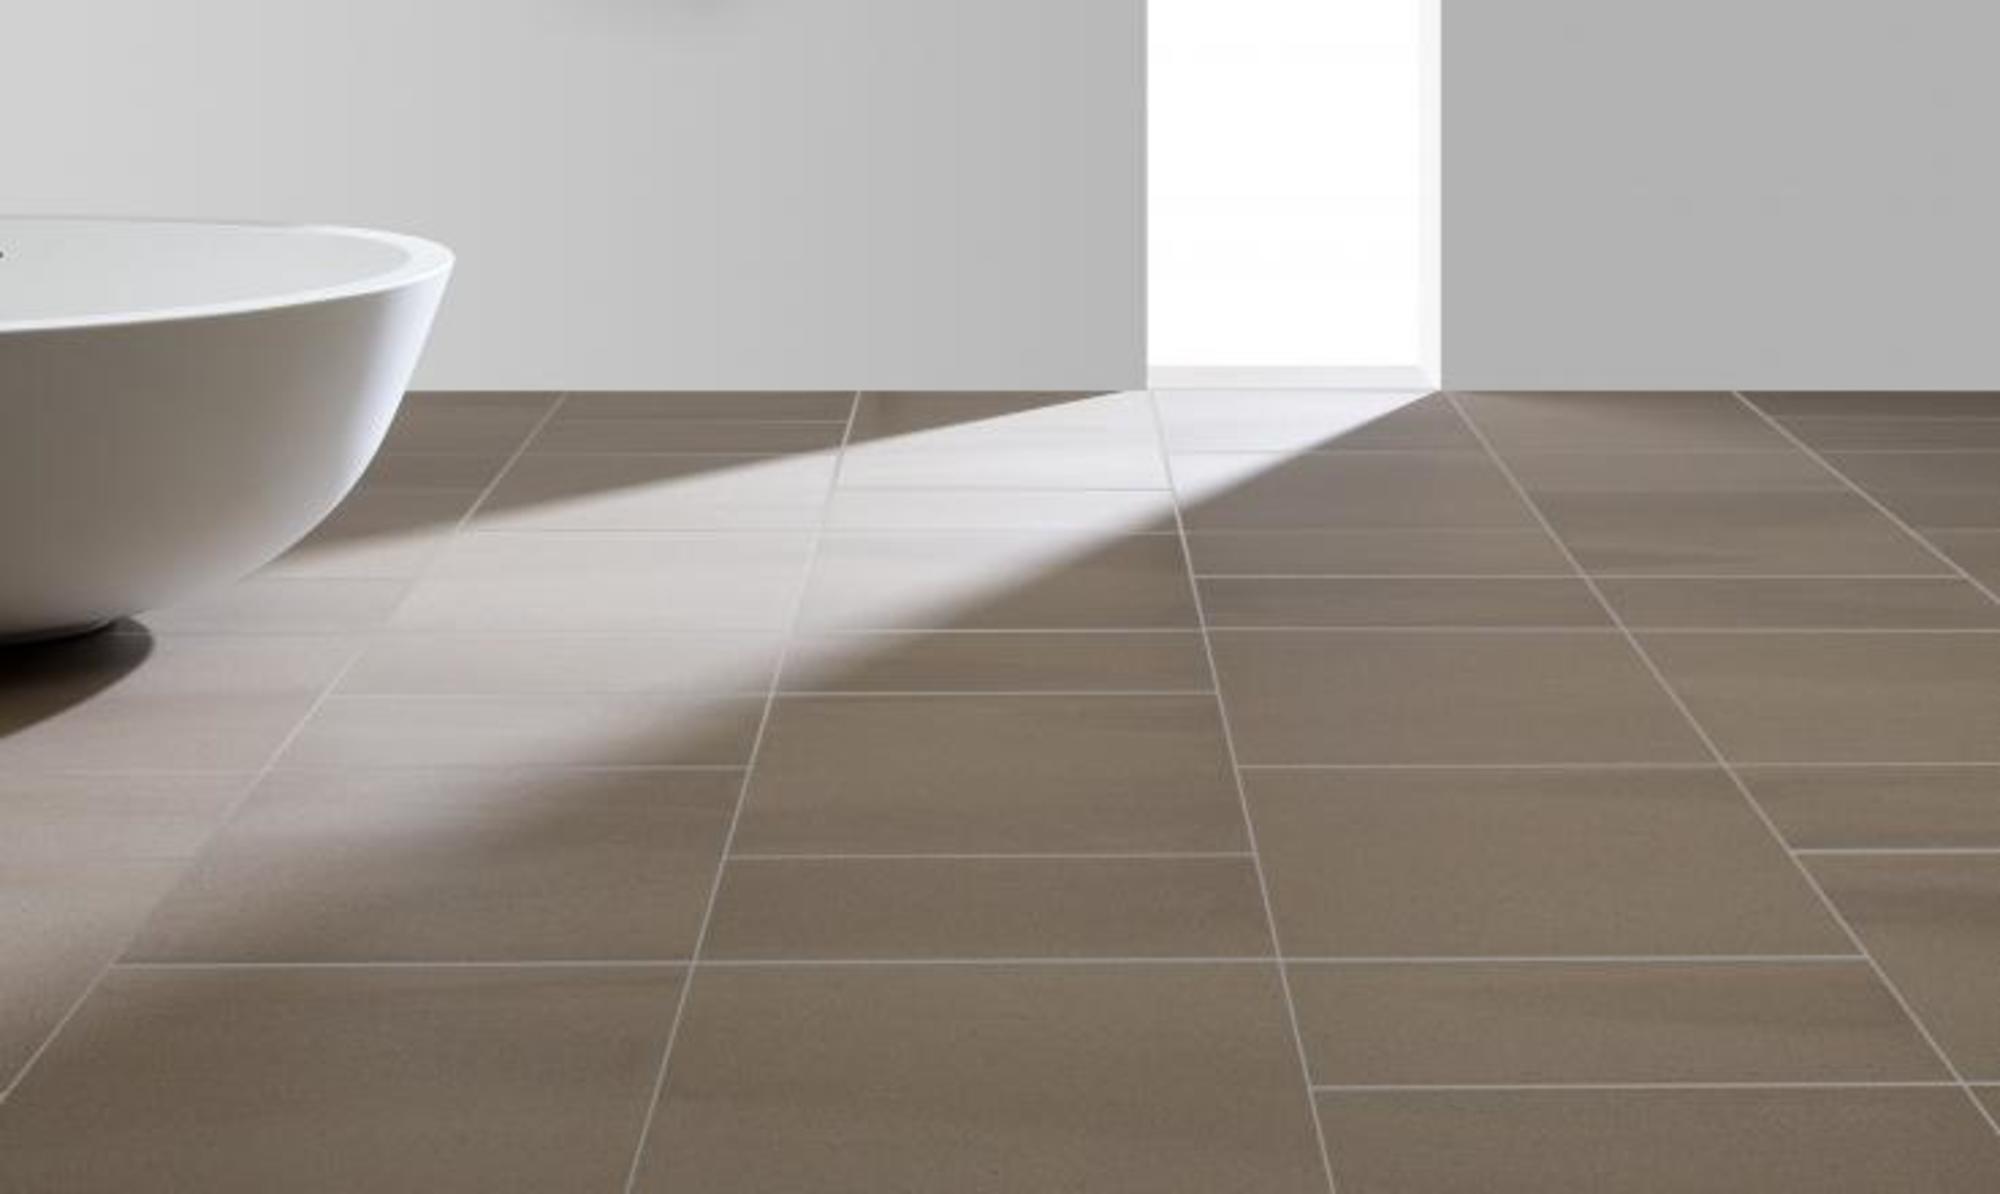 Vloertegels Badkamer Mosa : Vloertegels mosa